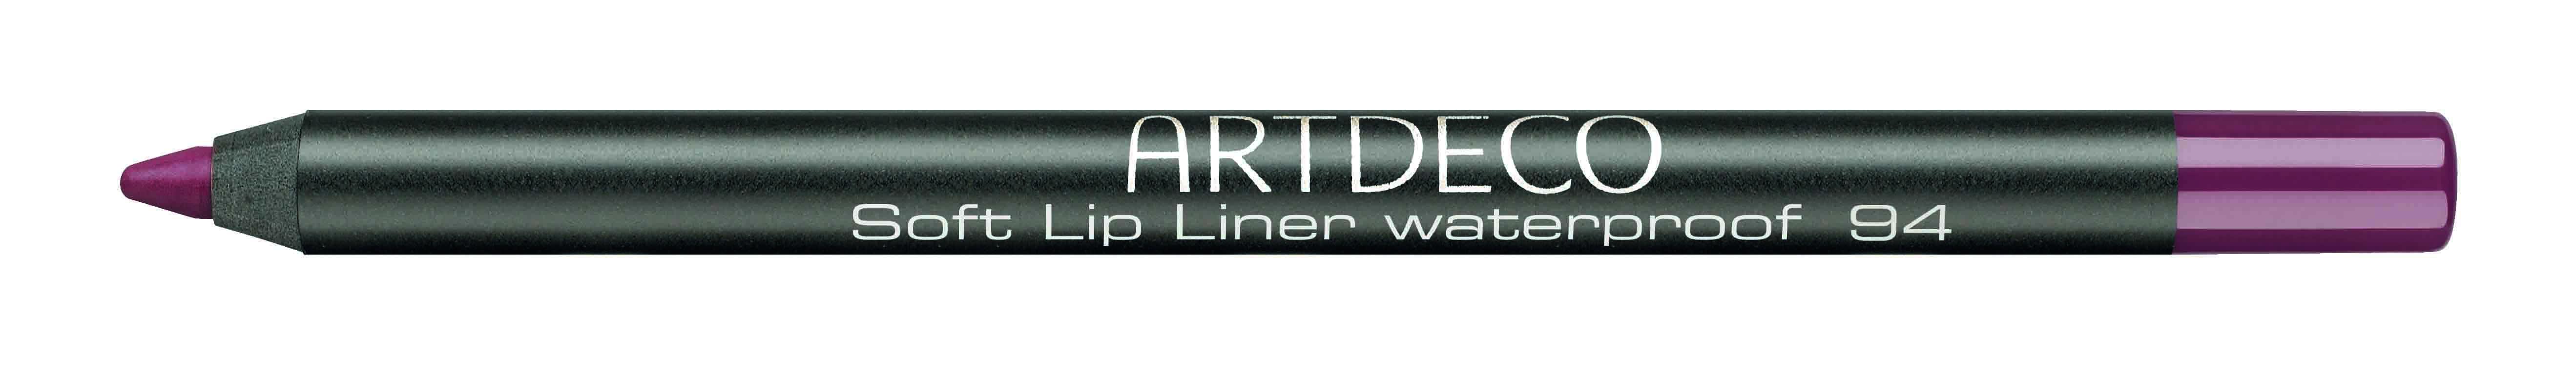 Artdeco карандаш для губ водостойкий 94 1,2гSC-FM20104Контур со стойкой текстурой и насыщенным цветом не позволяет растекаться помаде или блеску, помогает сделать чувственный макияж губ.